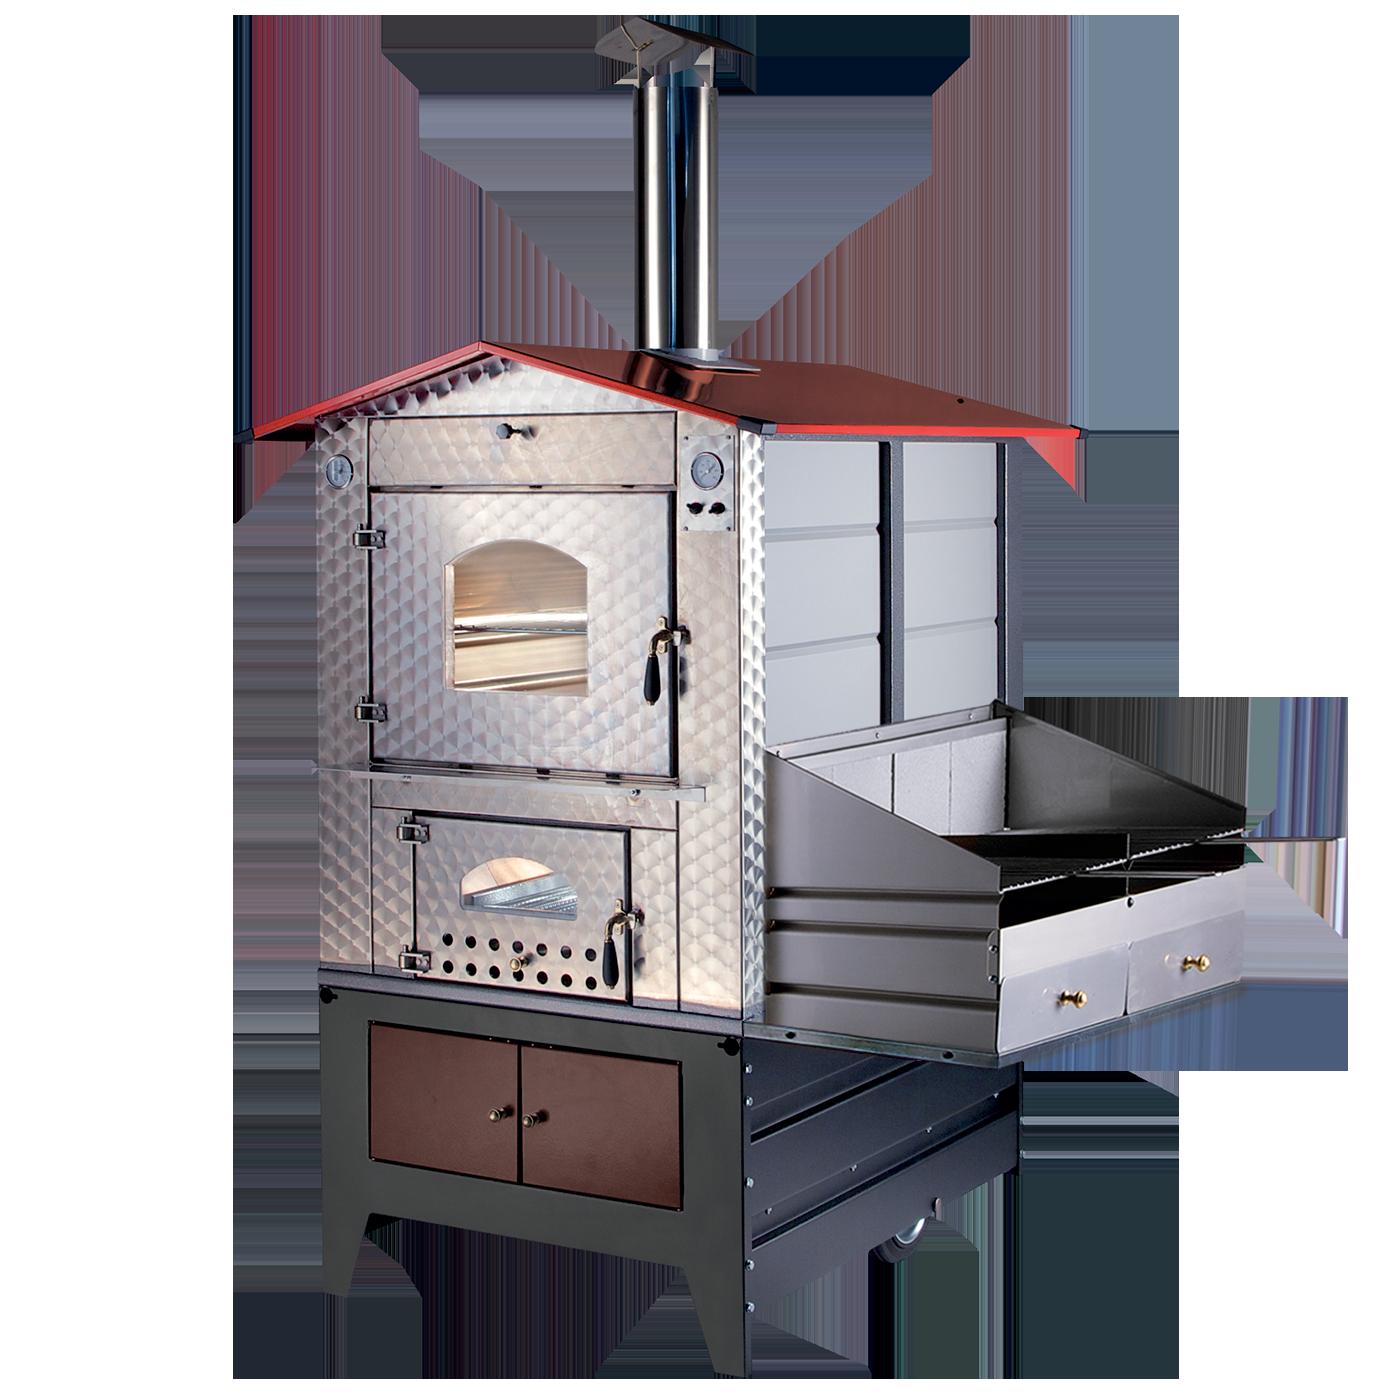 Piano cottura da esterno elegant la modularit di questo barbecue a gas da incasso consente - Forno a incasso a gas ...